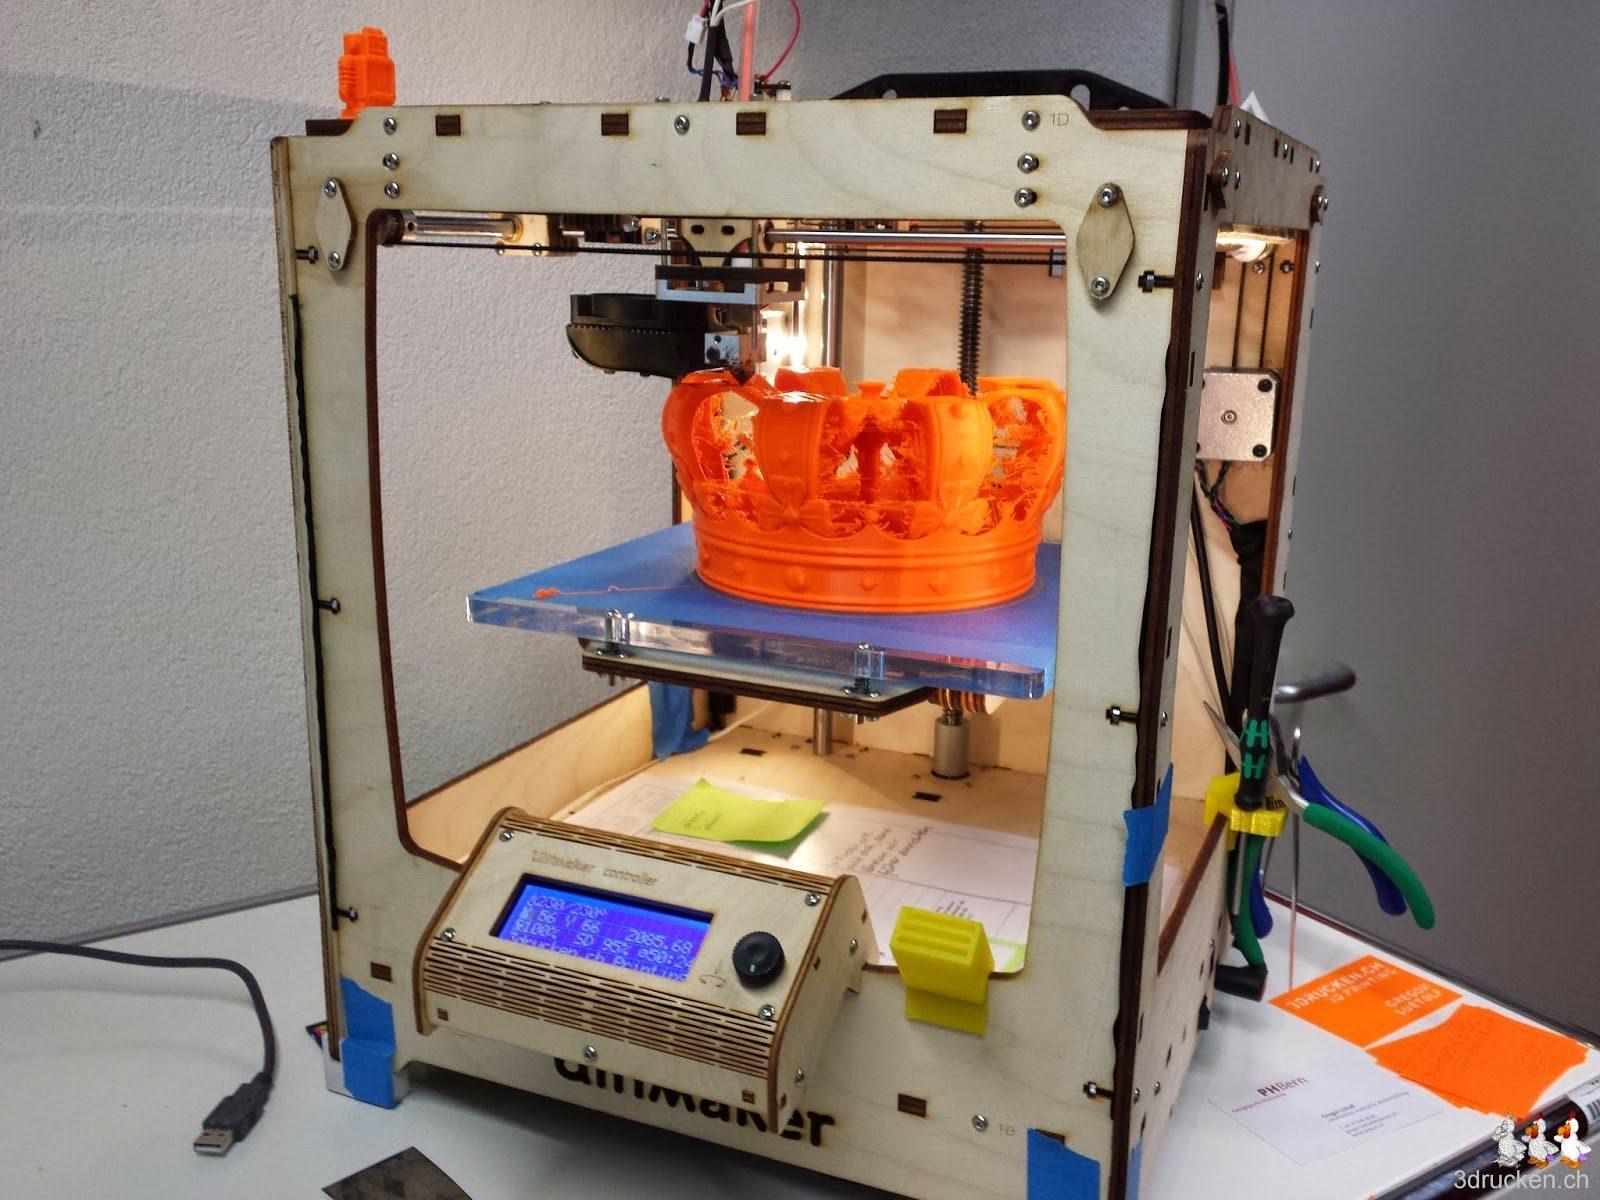 Foto des Ultimaker Original 3D-Druckers während des Drucks der Krone des Königs der Niederlande